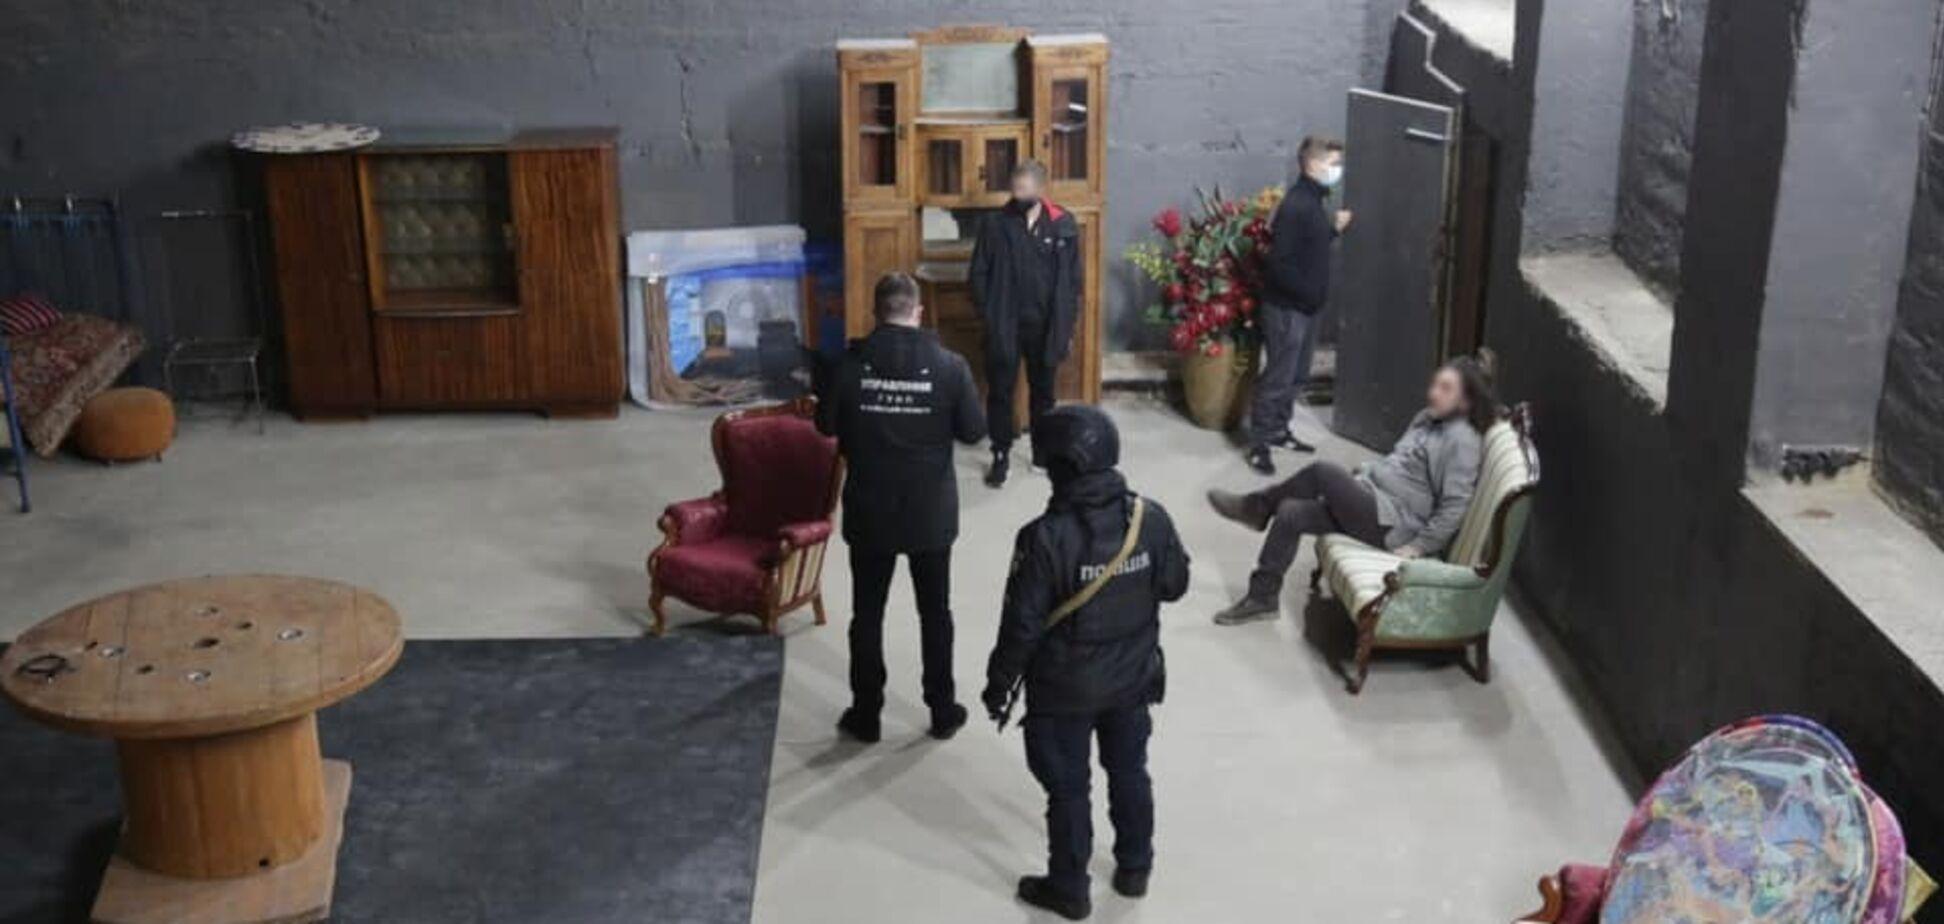 Известный в Украине фотограф снимал половые акты в переделанном авто